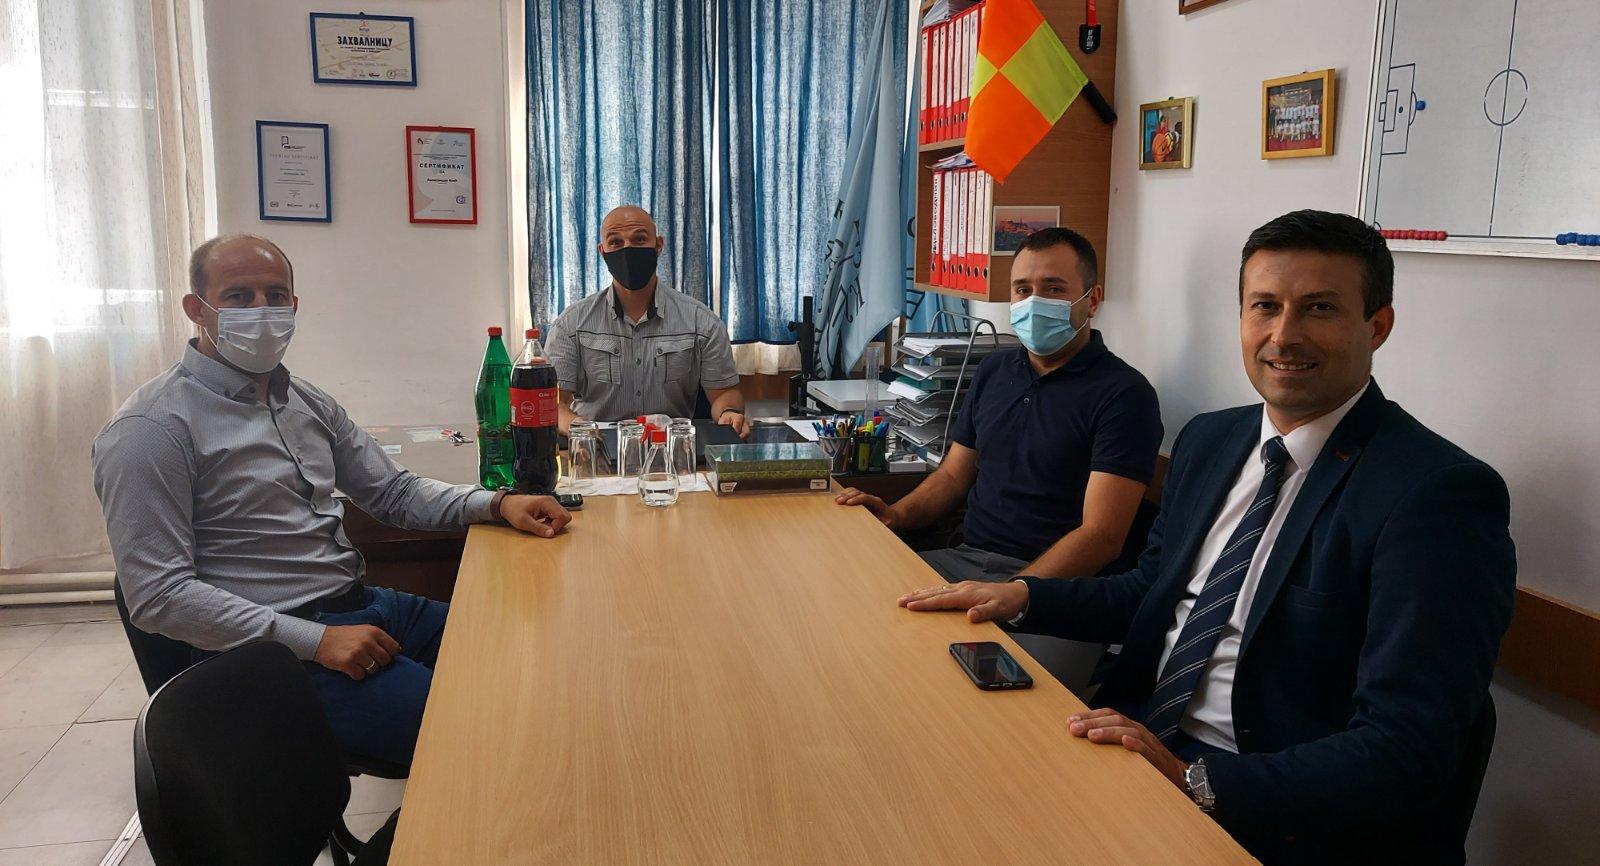 Генерални секретар Спортског савеза Србије посетио општину Кучево!